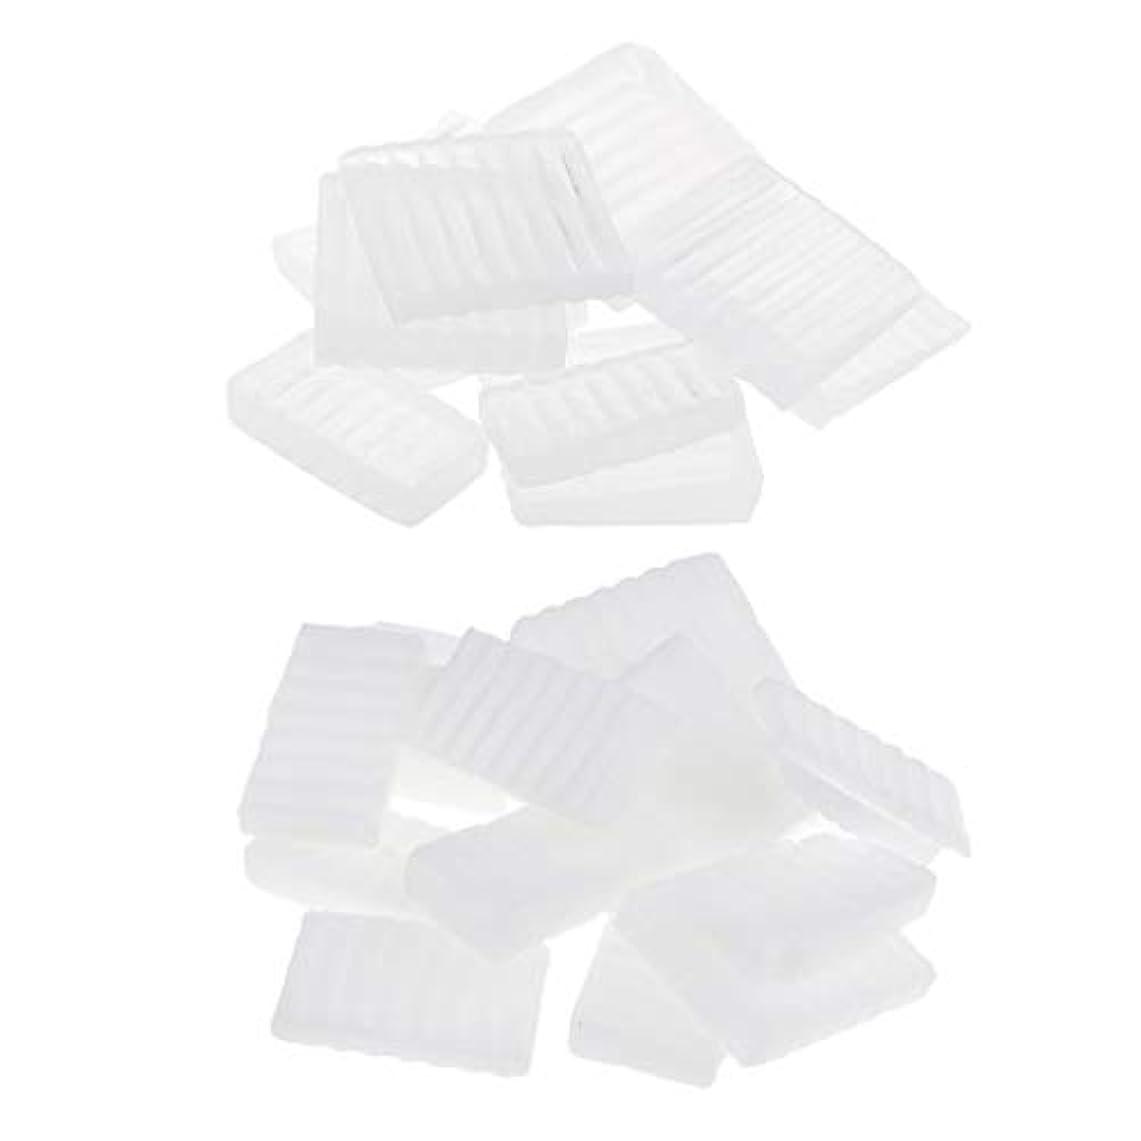 均等に眠る飢石鹸作り 約1000g 白色 石鹸ベース DIY ハンドメイド 石鹸材料